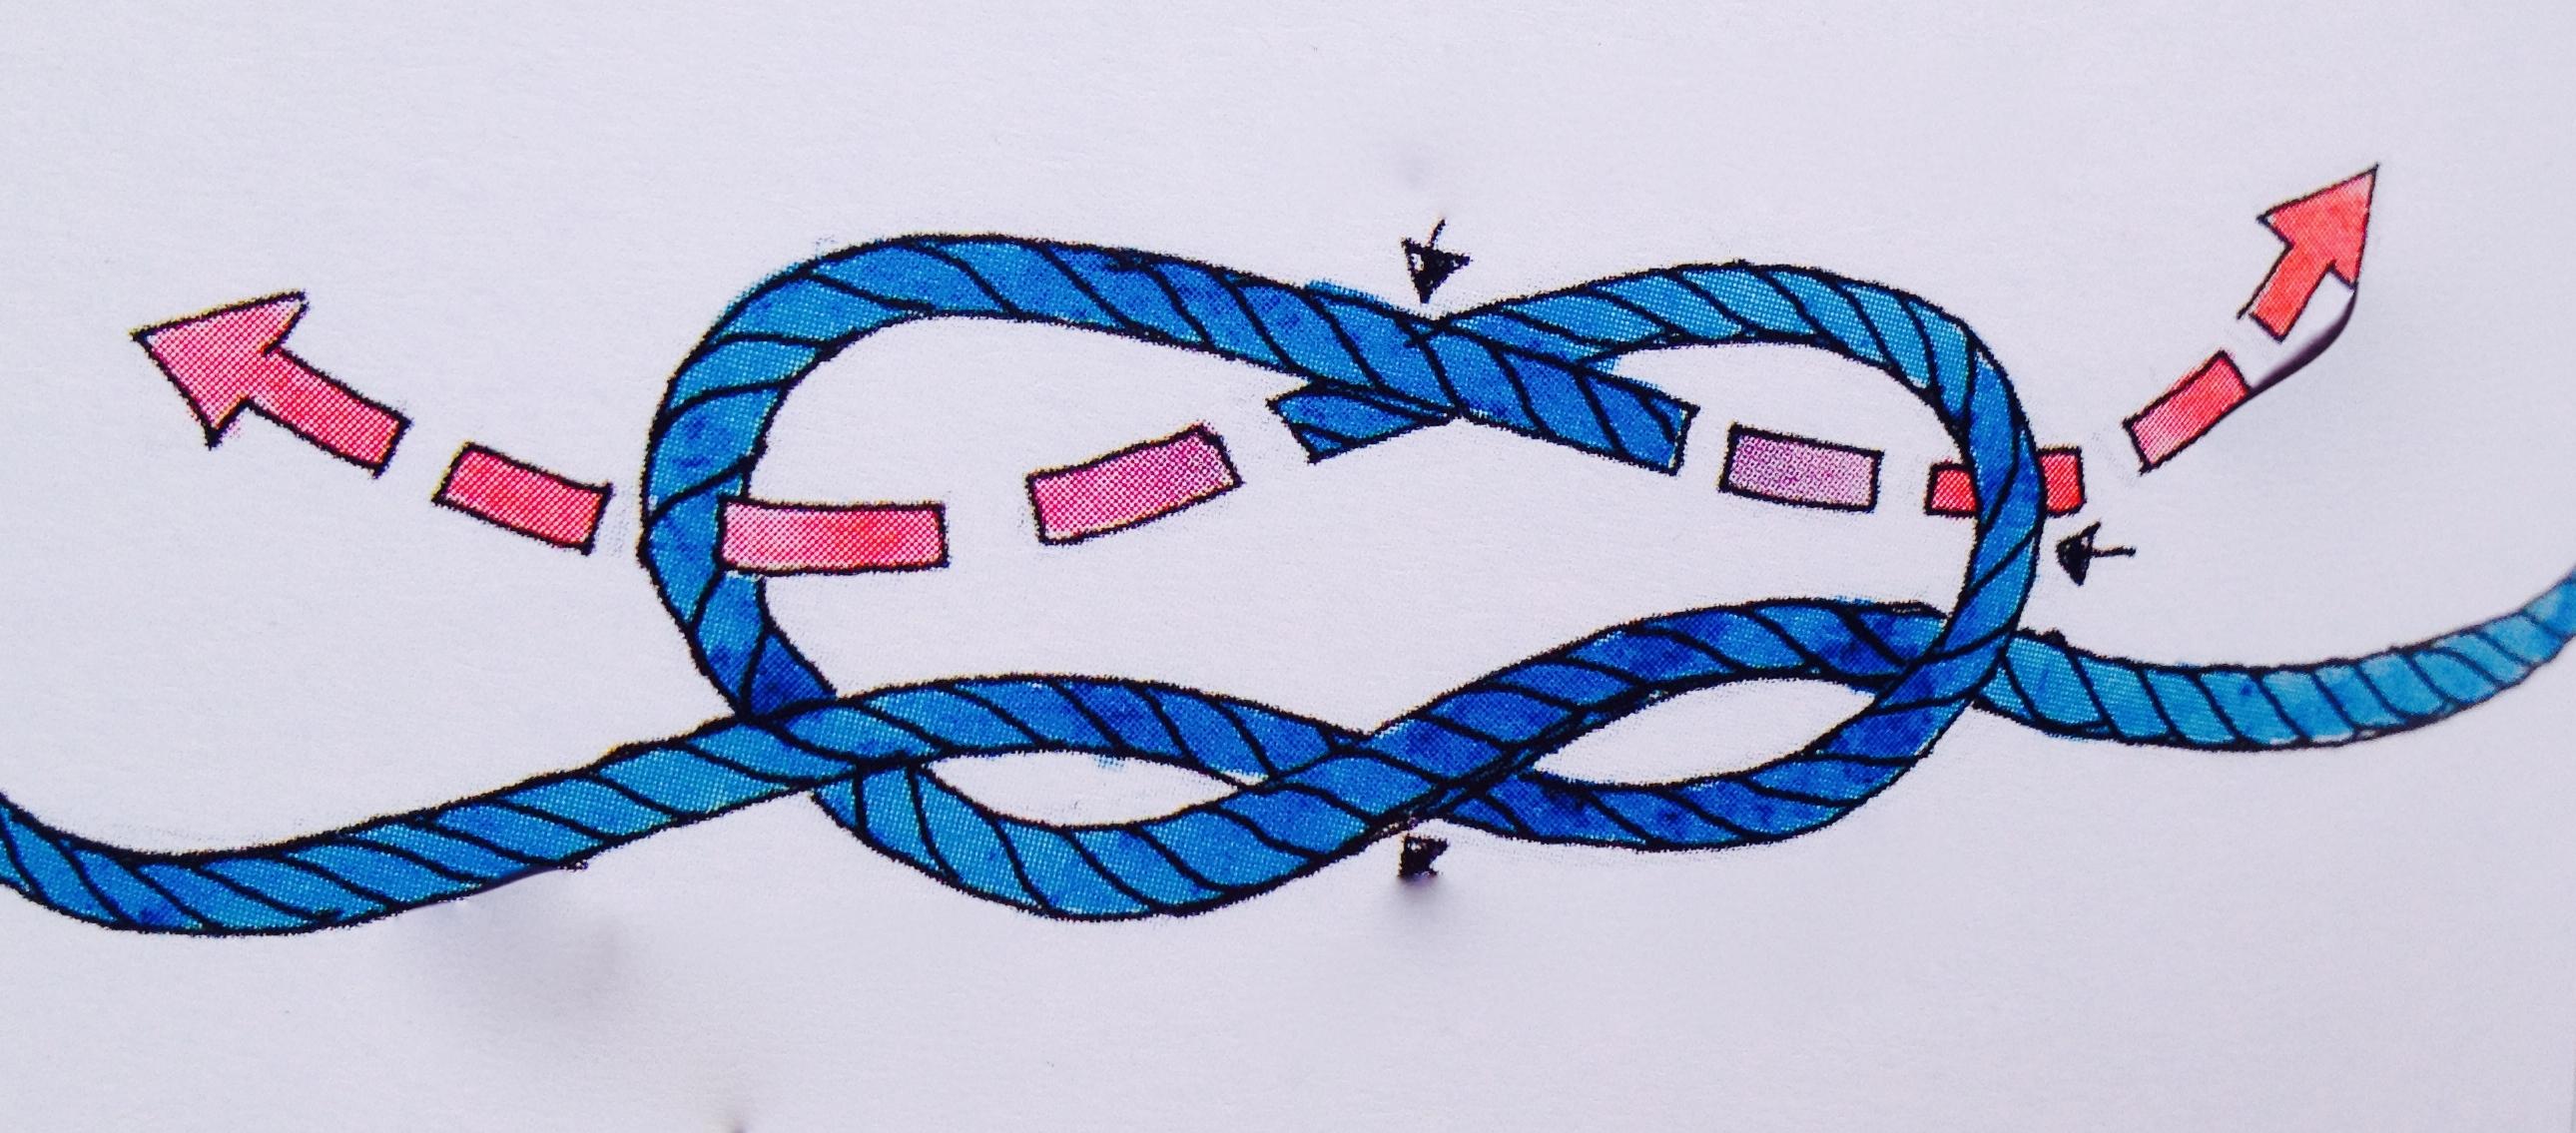 徐莉佳,帆船,绳结打法 三个驾驶帆船就最常用的绳结打法与用途----徐莉佳漫画 5b.jpg